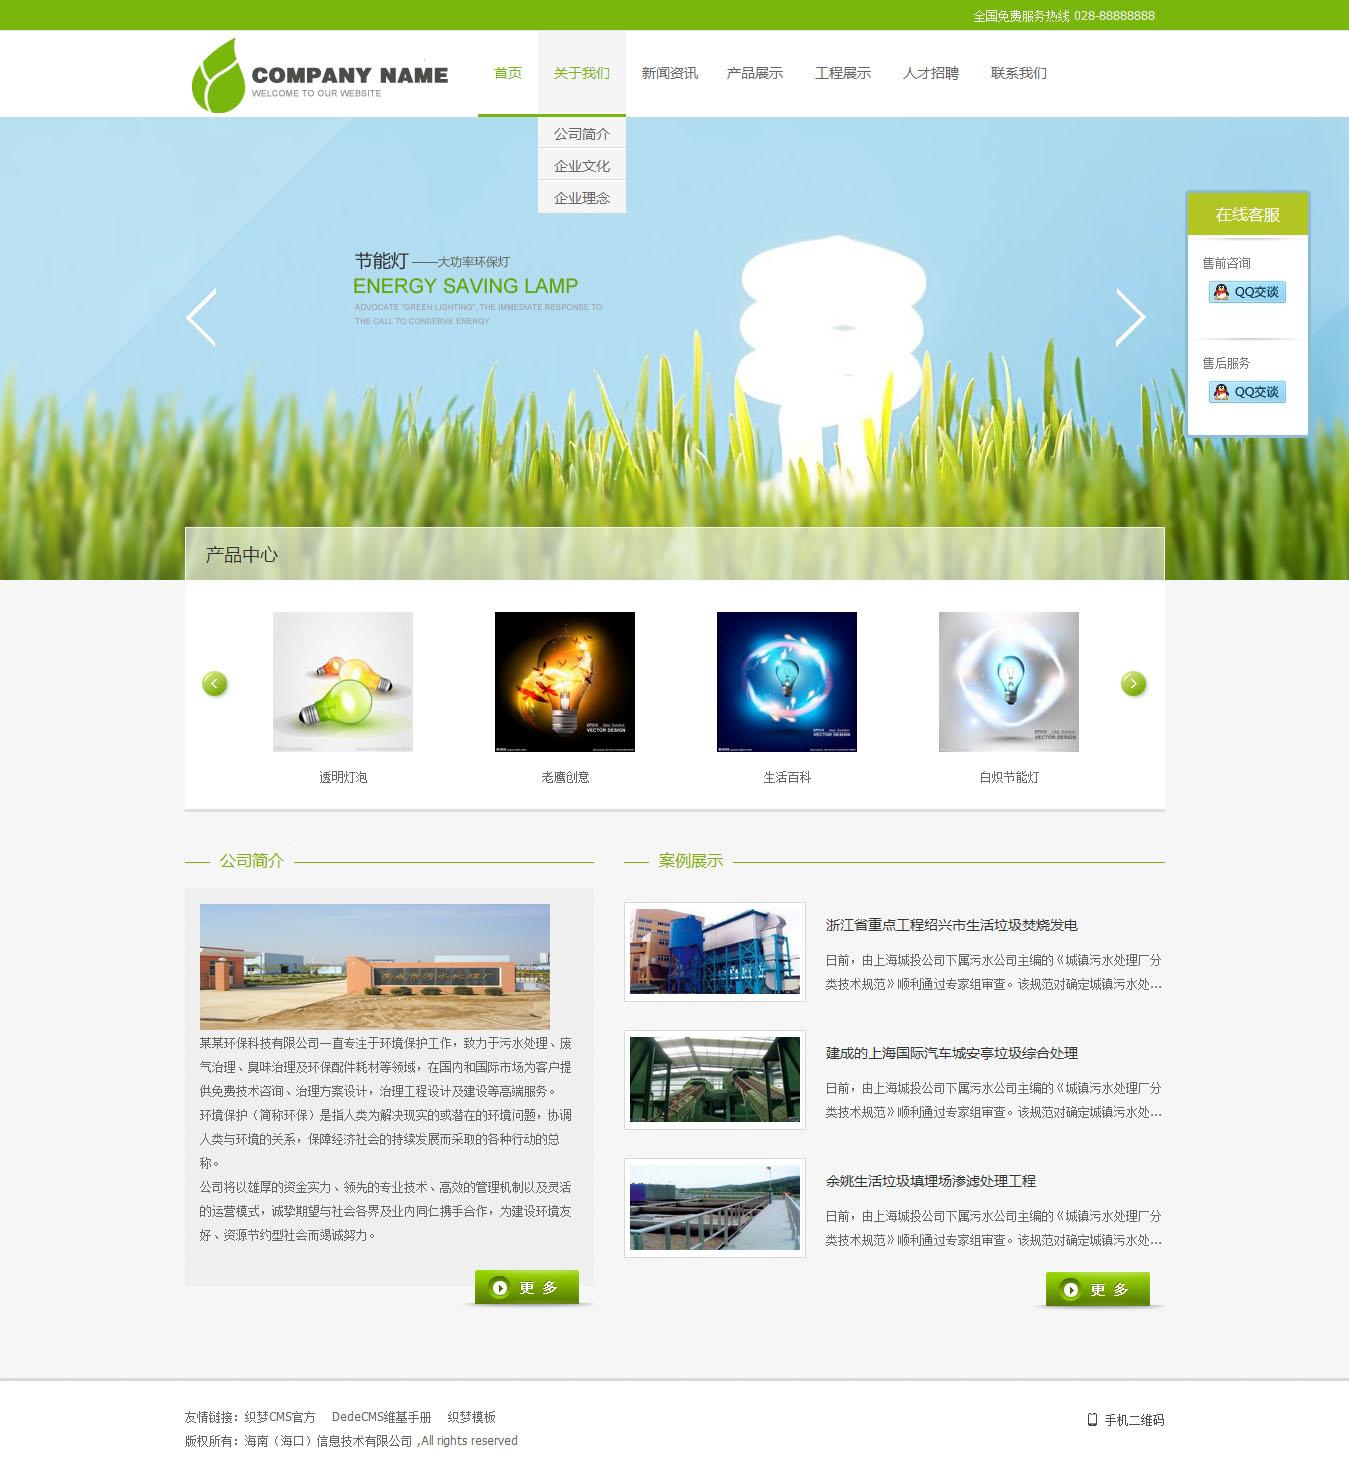 织梦程序绿色清新节能灯产品公司dedecms模板